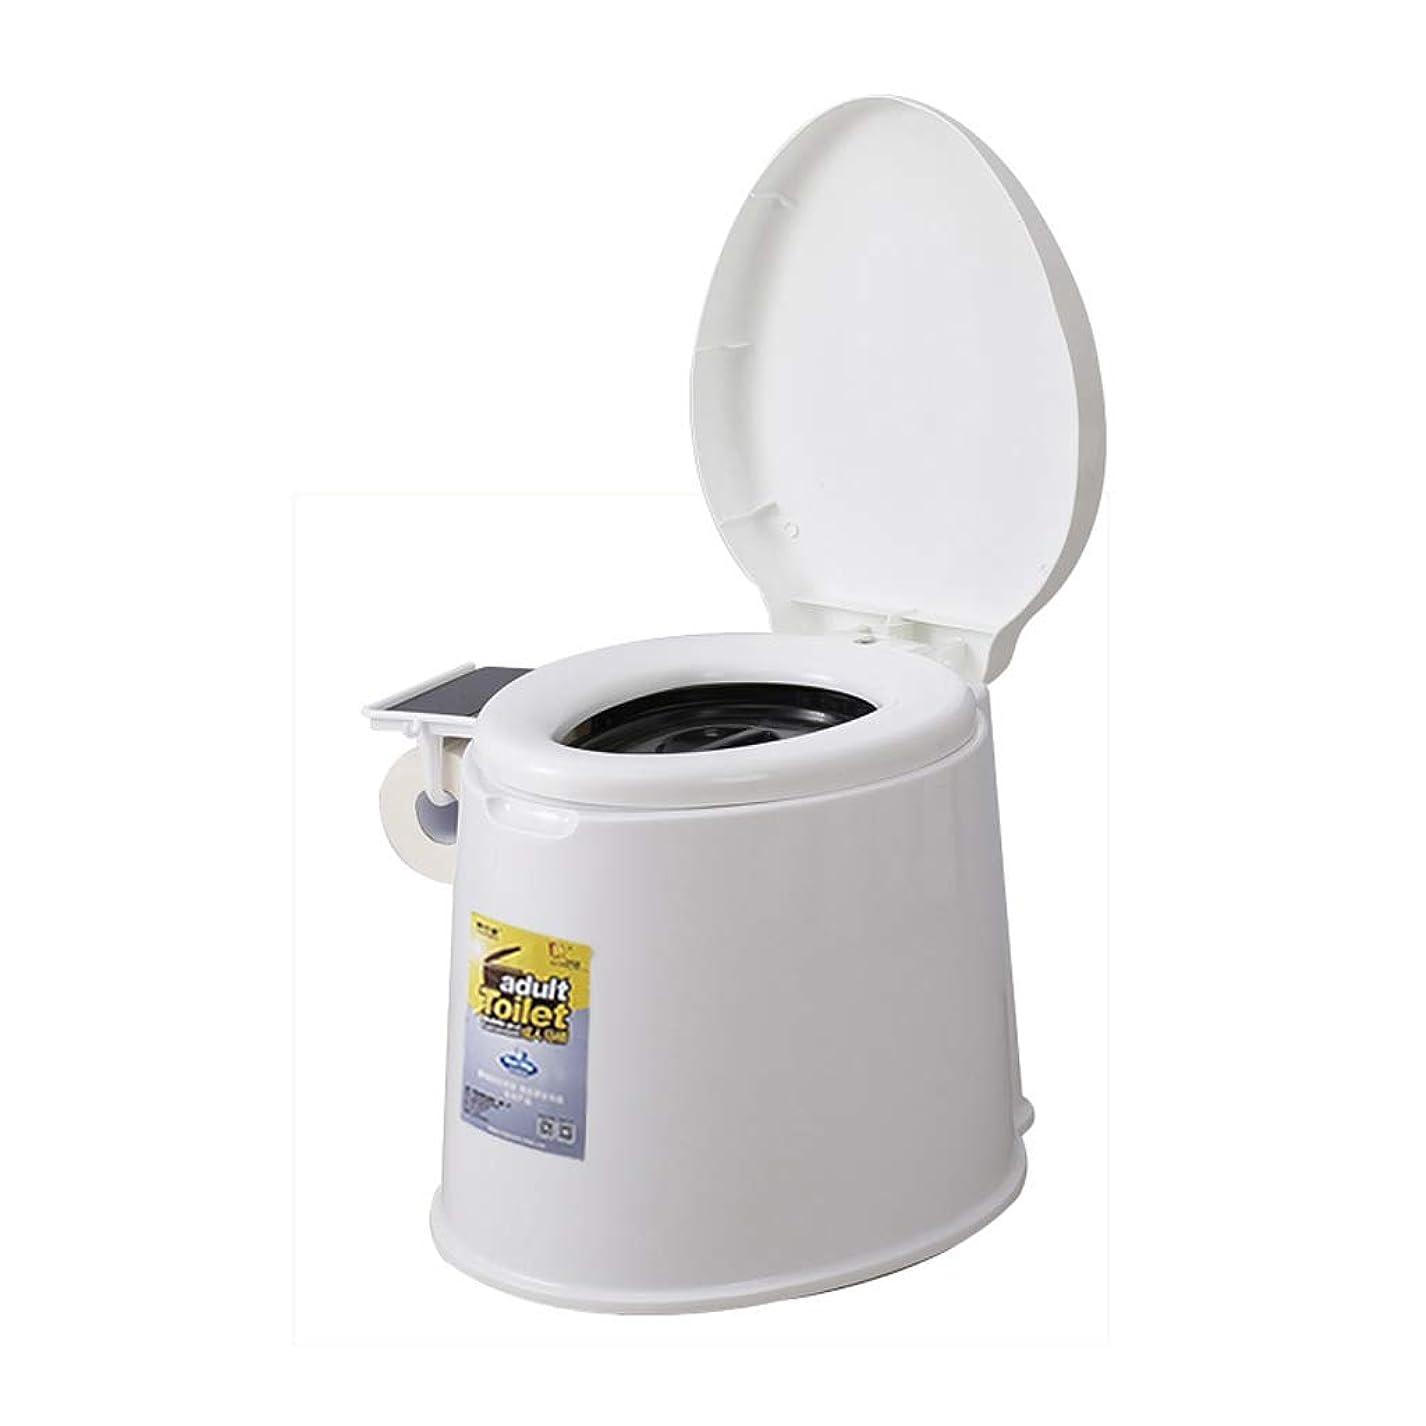 十分モノグラフ官僚高齢者の妊婦の女性の子供の子供の大人のトイレ携帯電話のポータブルプラスチックトイレの椅子